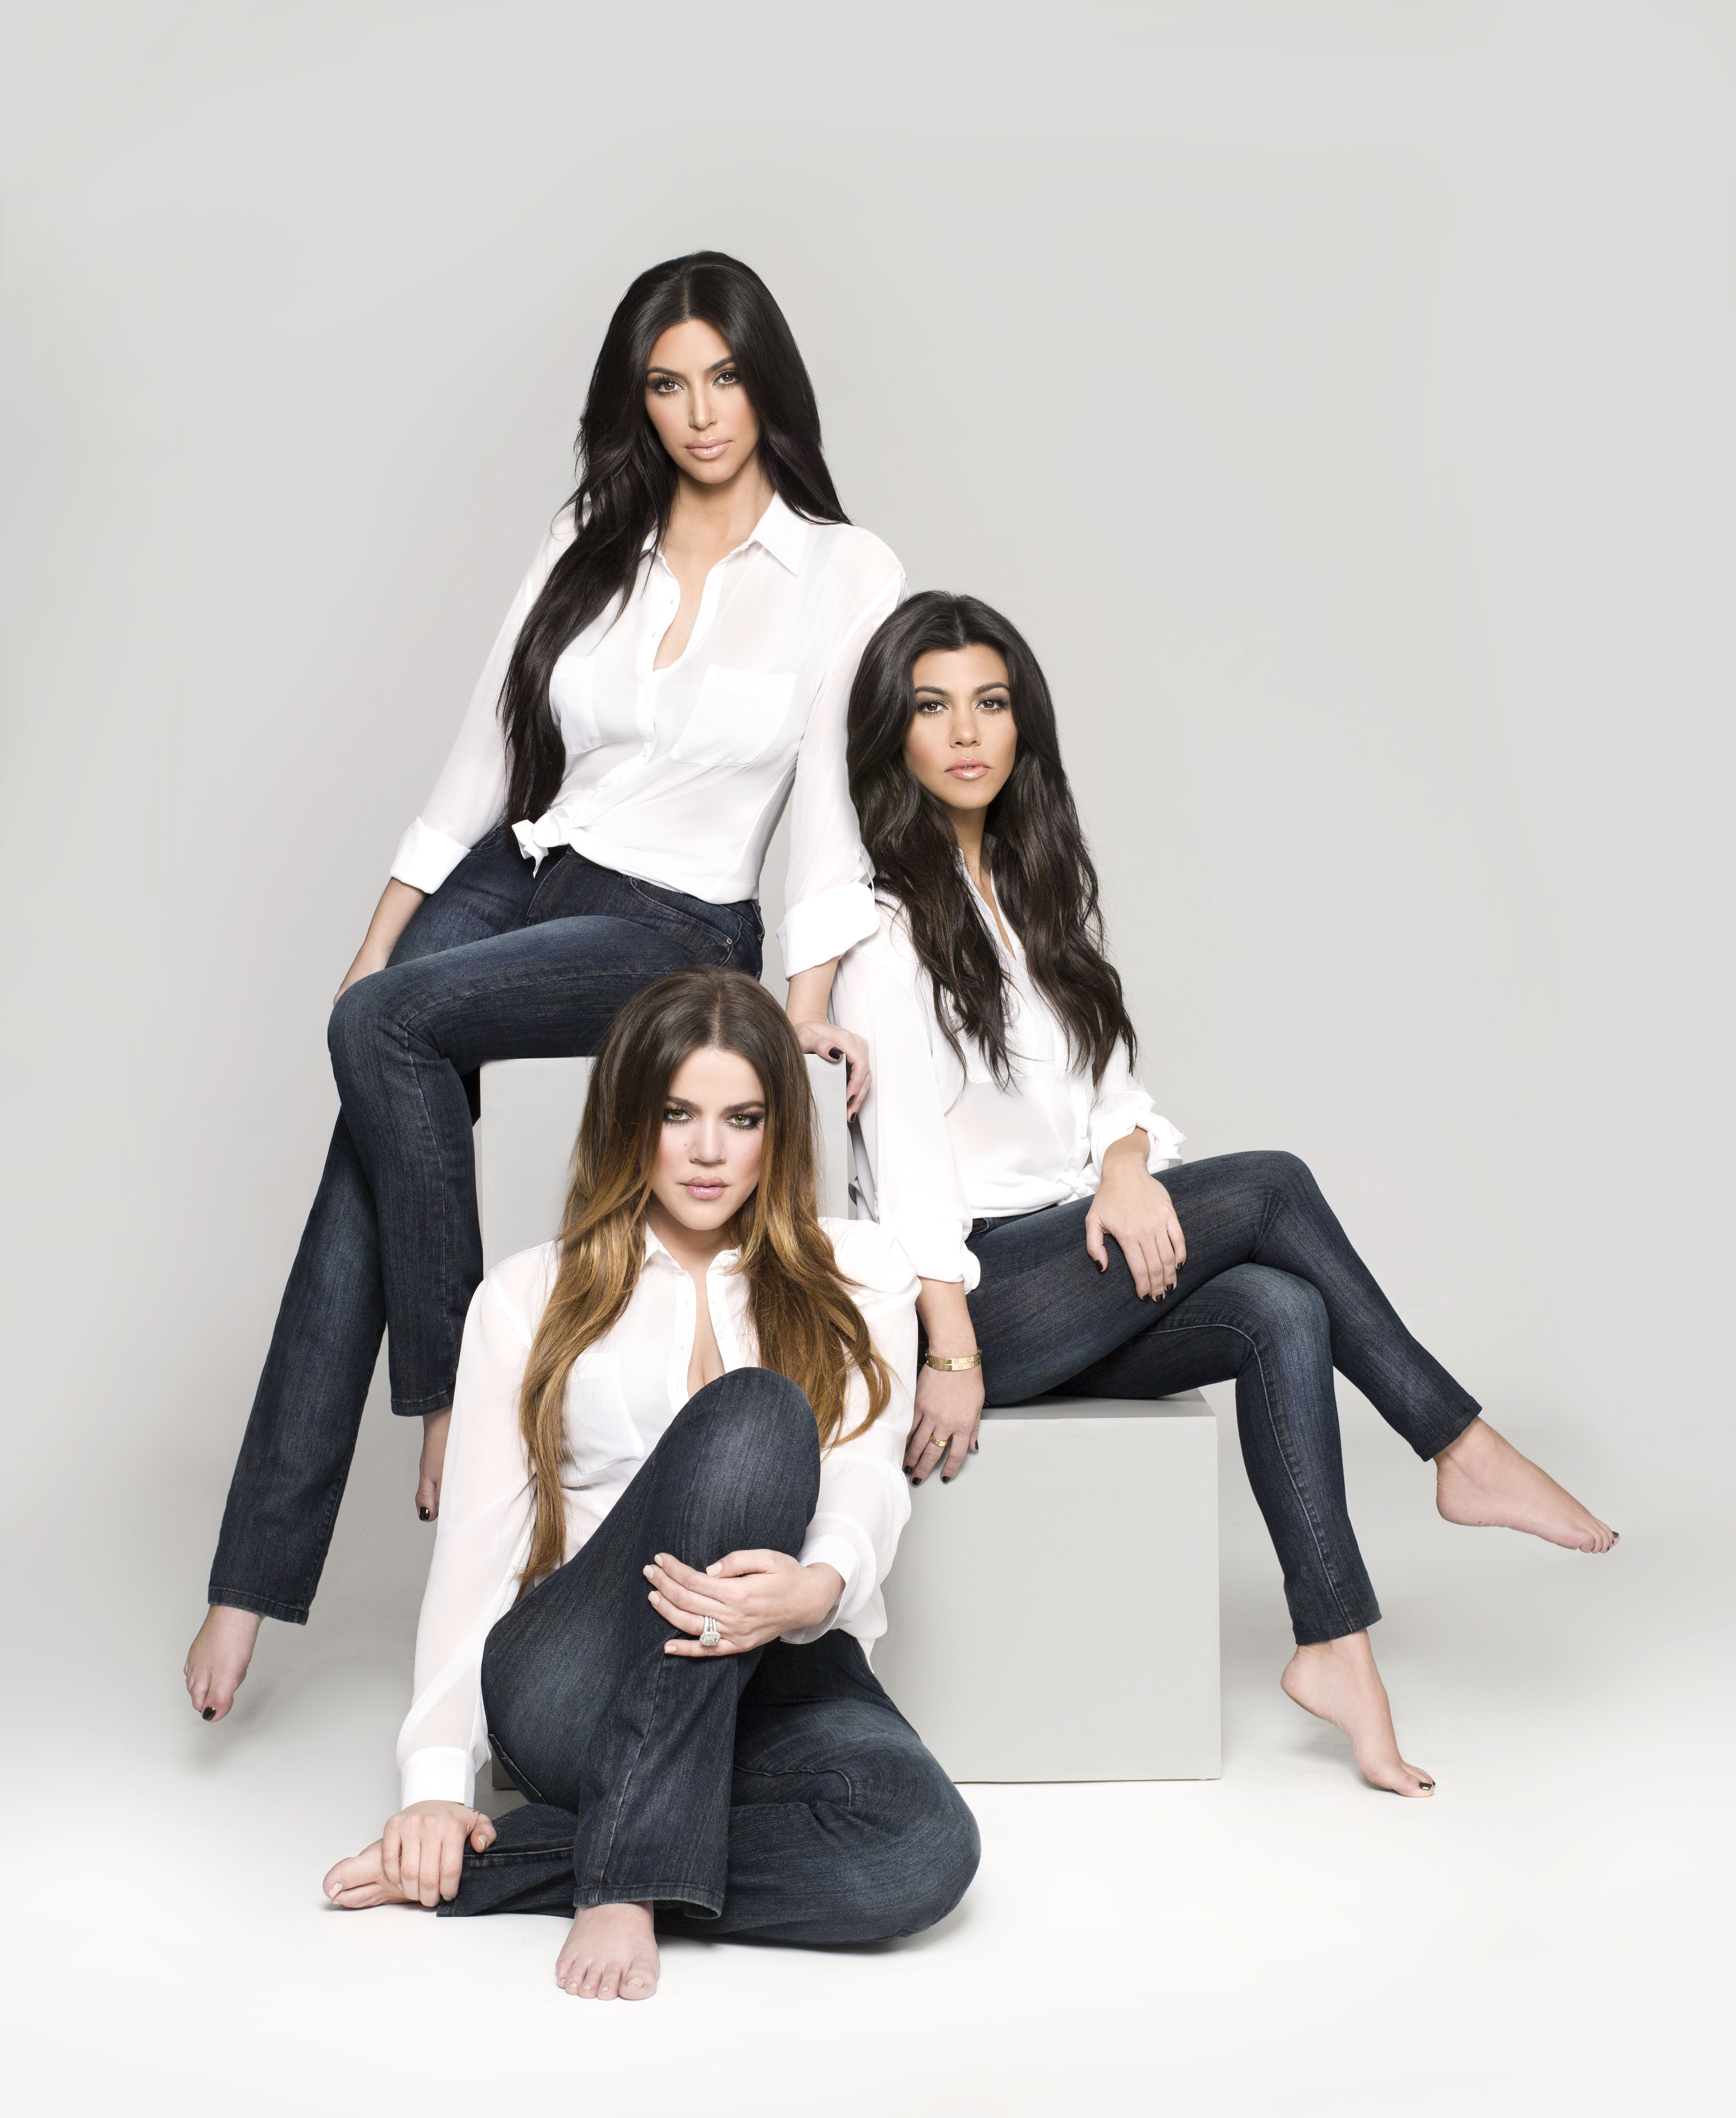 Сестра в джинсах фото 3 фотография